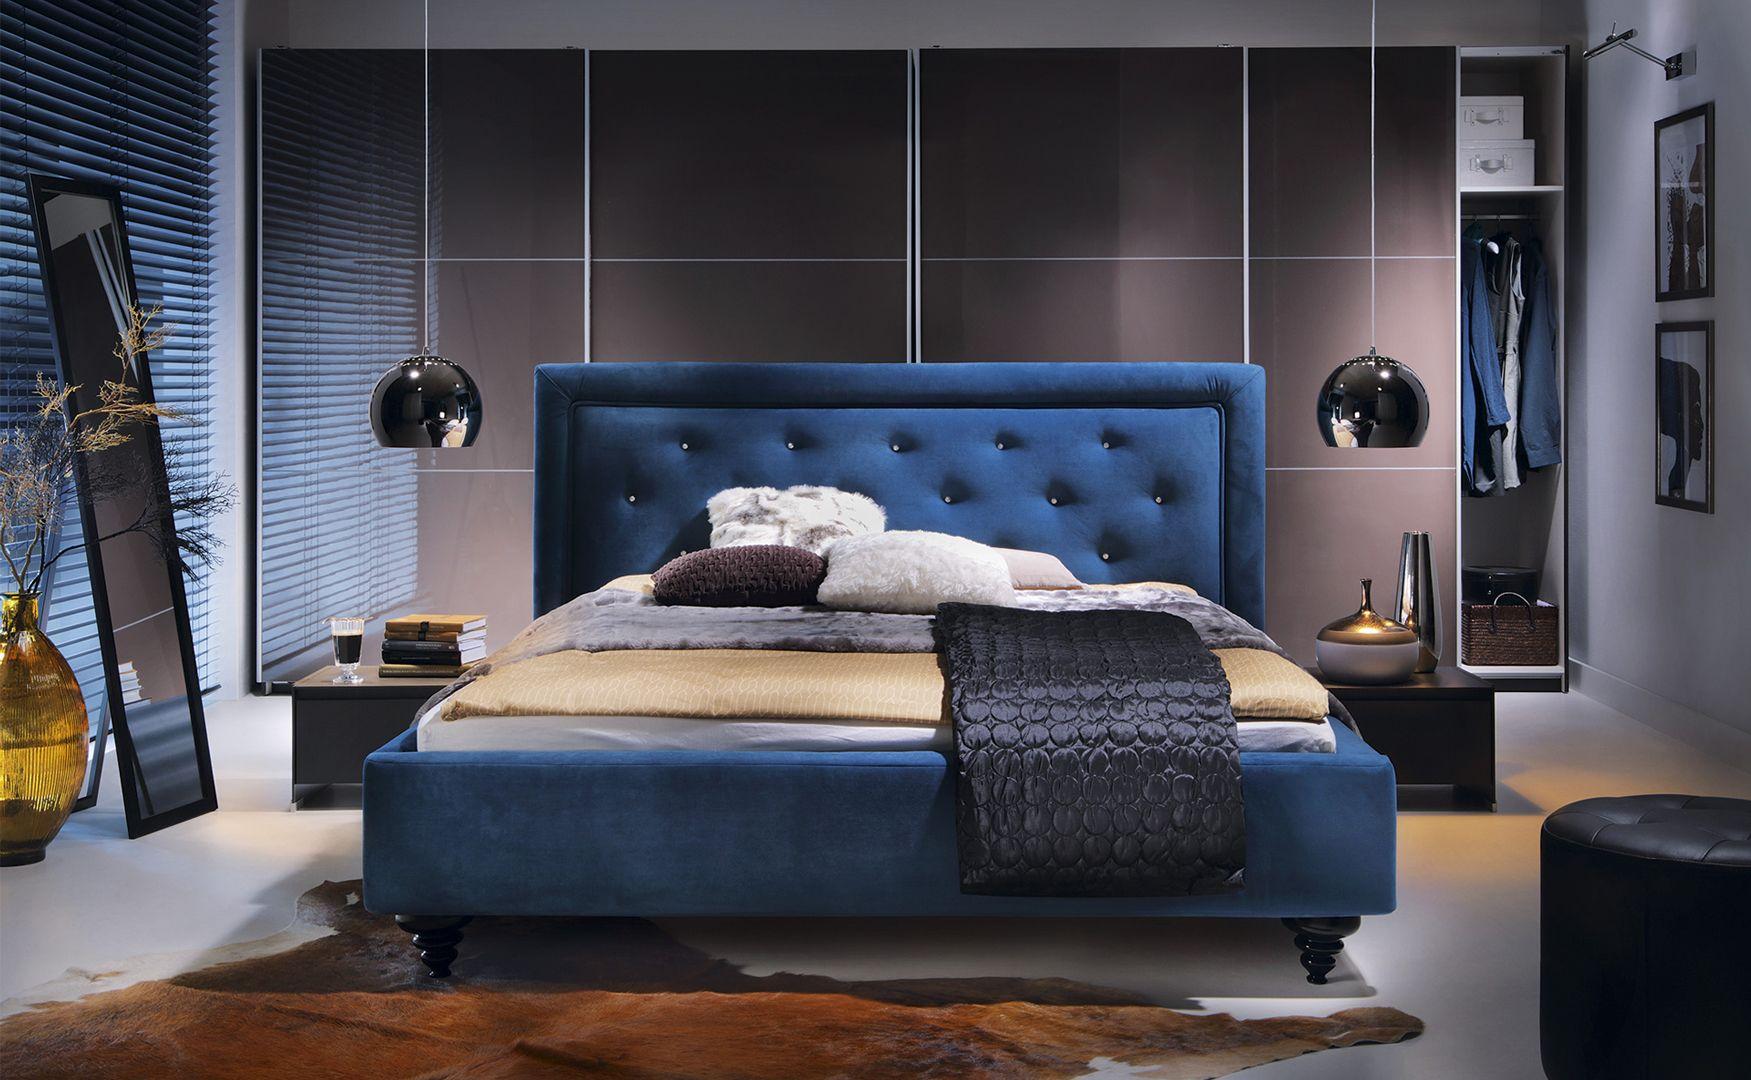 Łóżko tapicerowane Castel.  Posiada masywny zagłówek tapicerowany nadający mu wyjątkowego charakteru. Fot. Black Red White